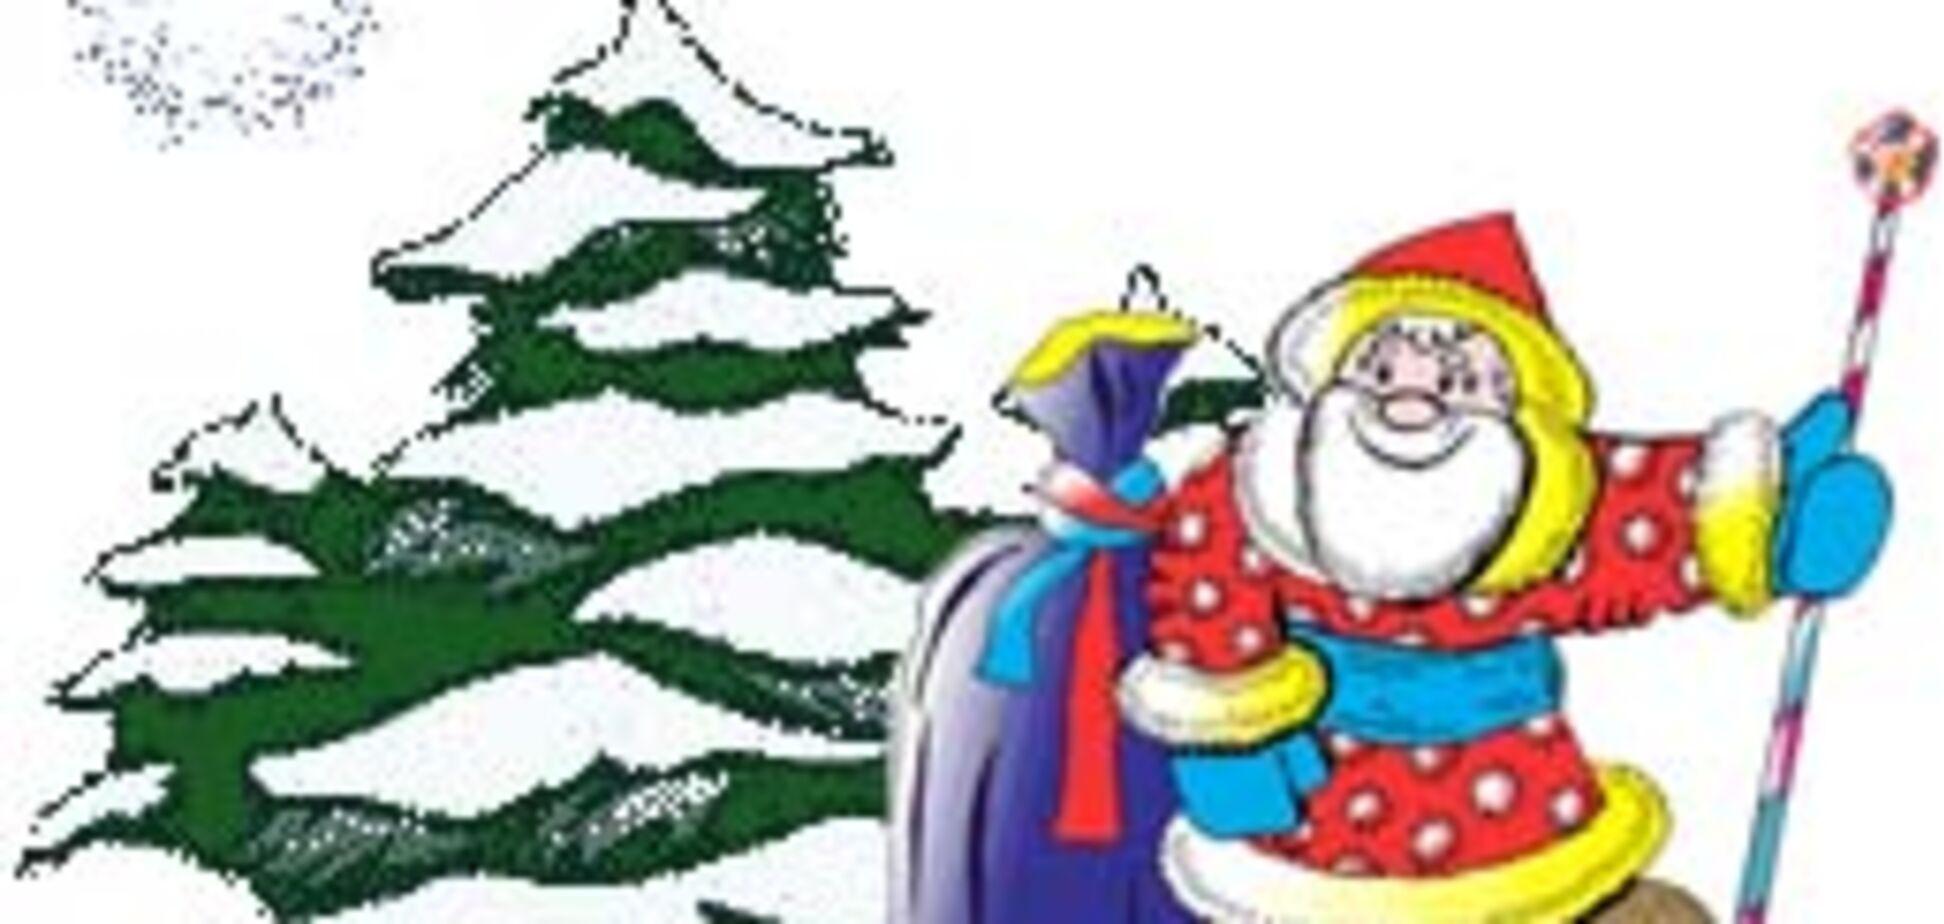 Вокруг усадьбы Деда Мороза  появится сказочный лес